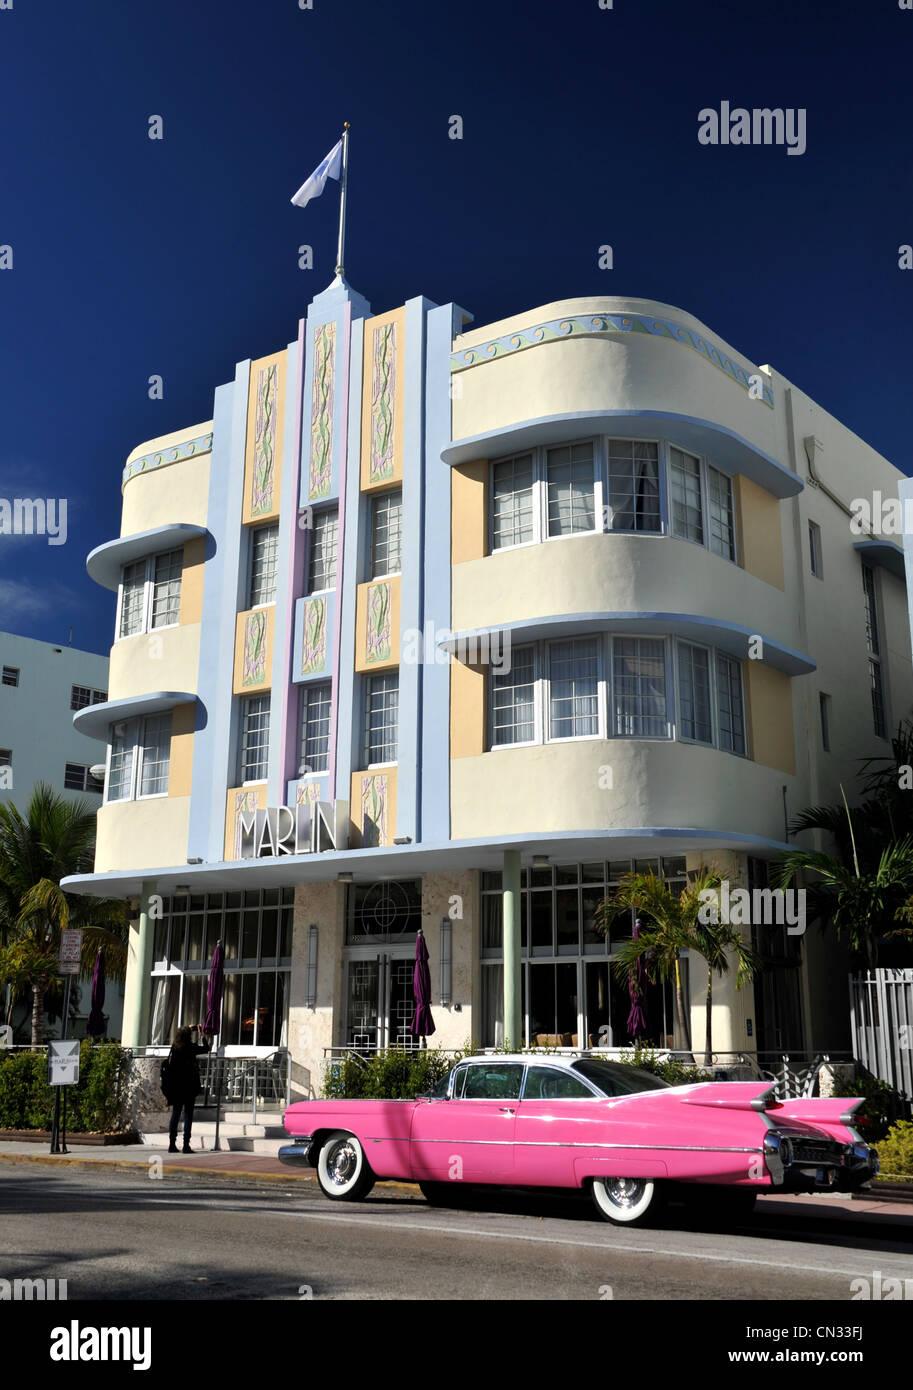 Hotel Marlin, Miami, Florida, EE.UU. Imagen De Stock